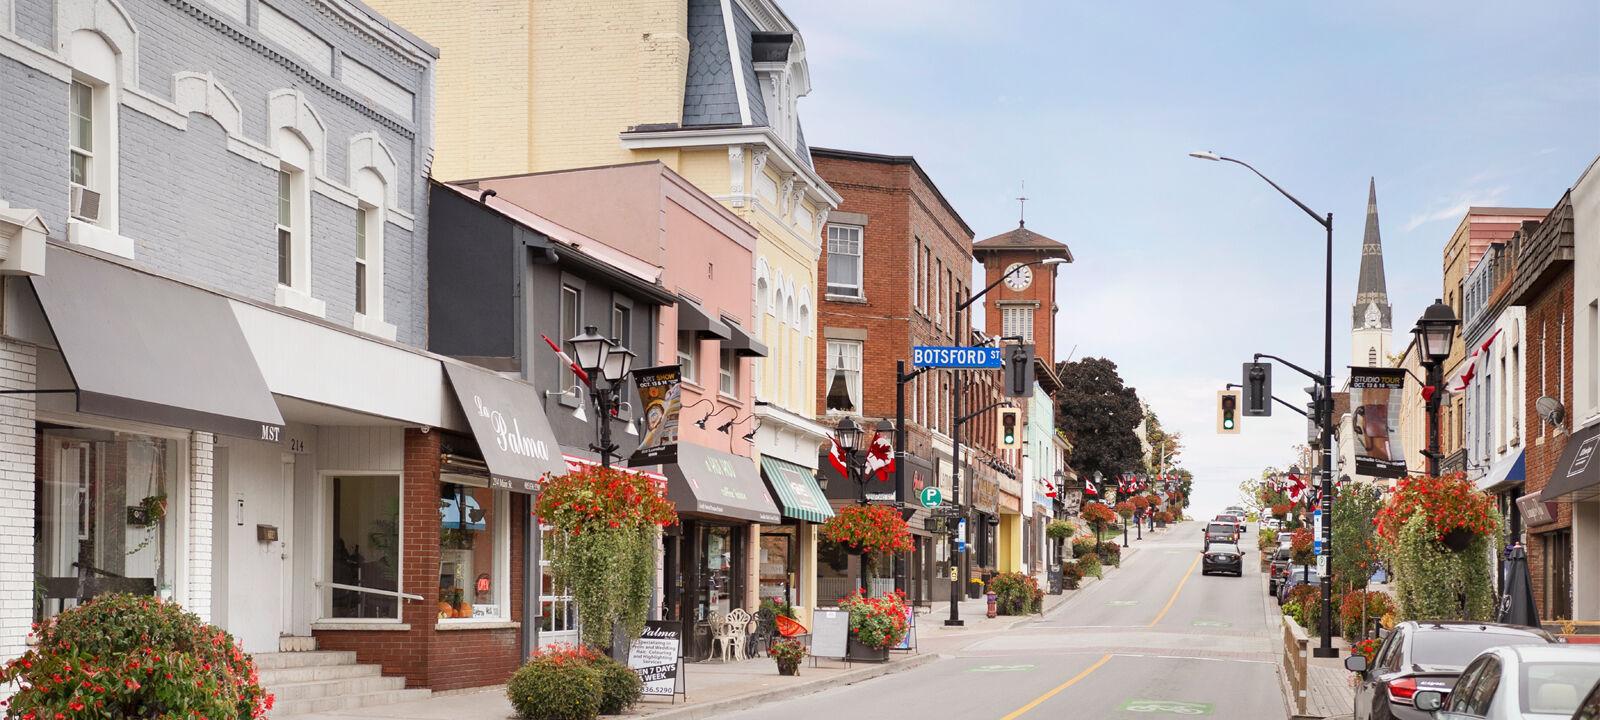 Shops along Newmarket's Main Street